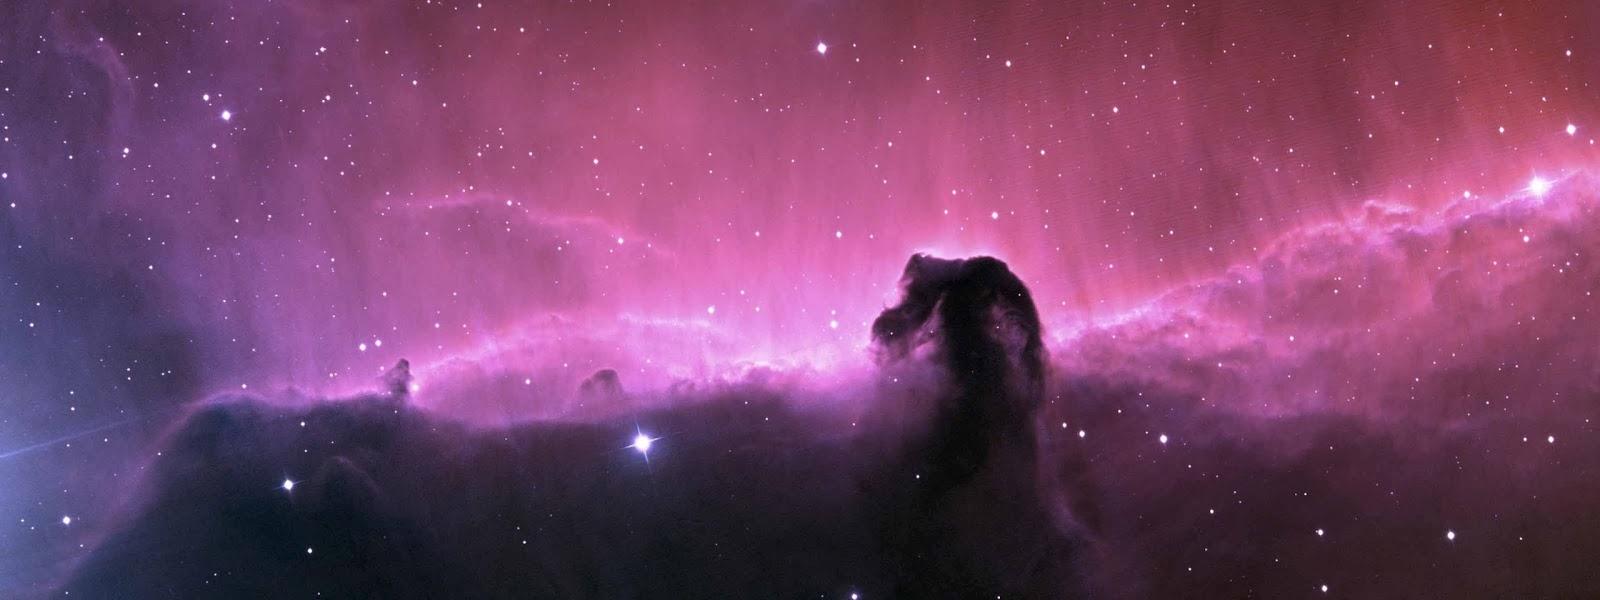 animated nebula wallpaper - photo #49